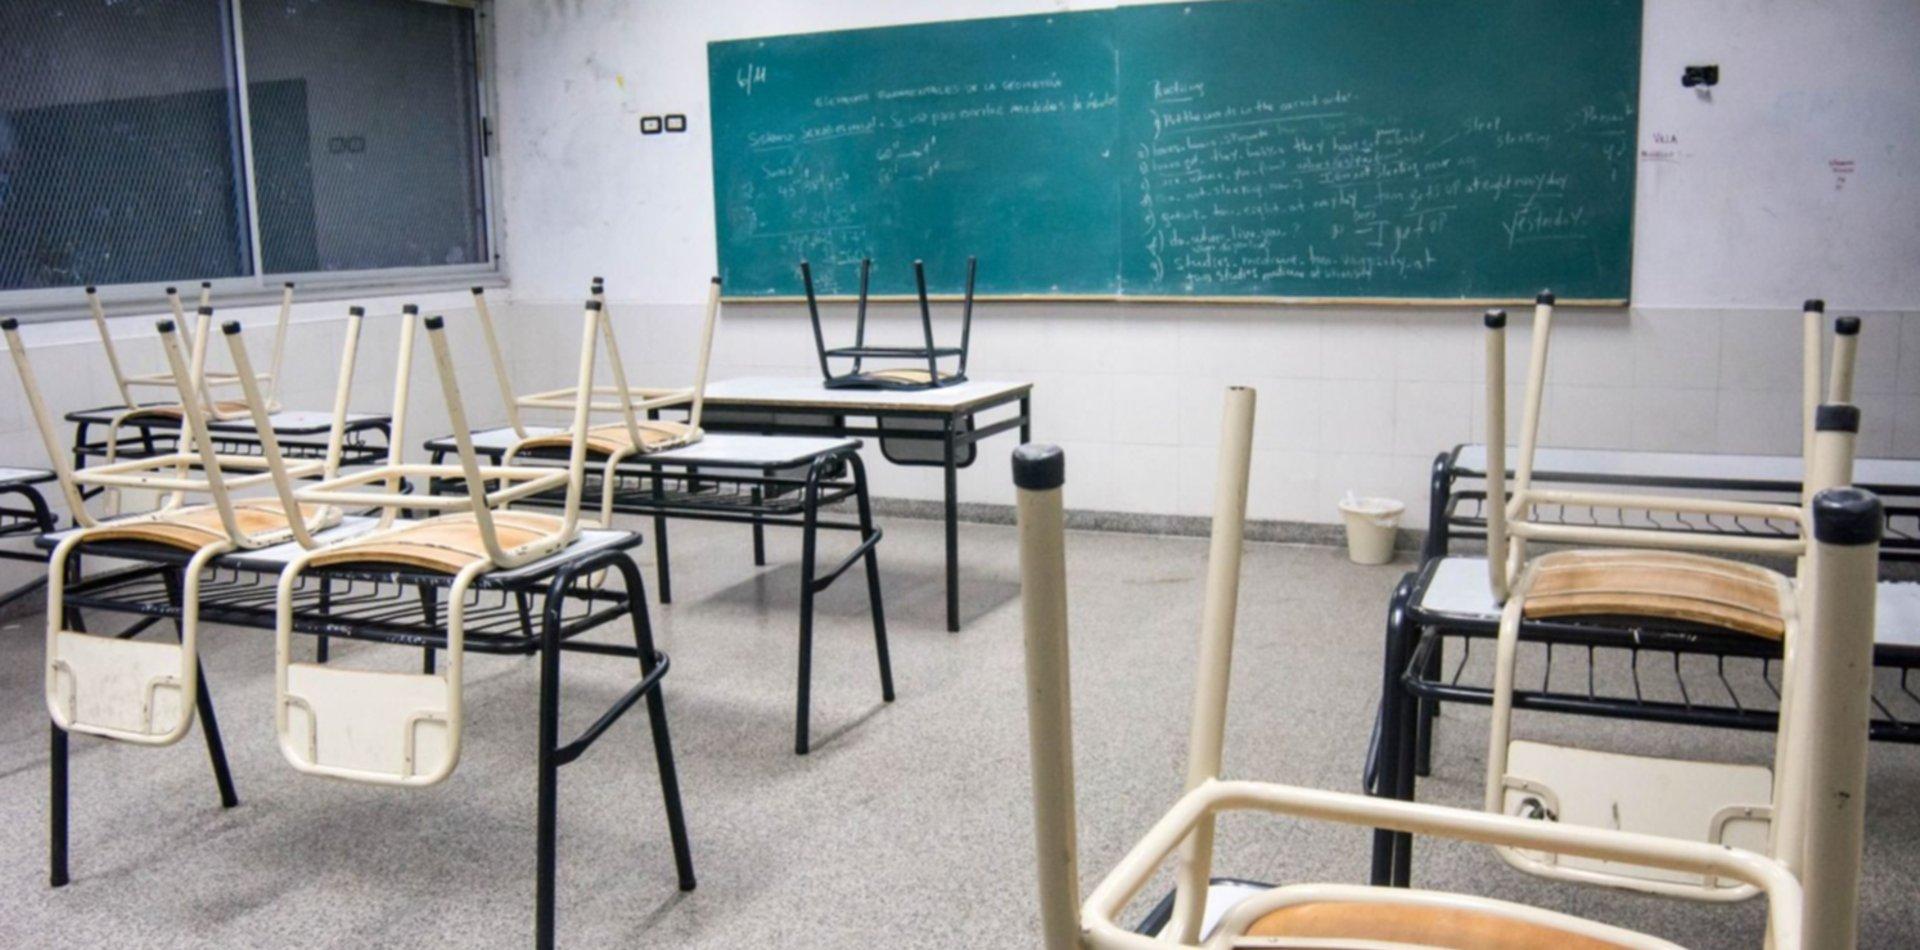 Un estudio revela que cerrar escuelas es una de las mejores medidas para frenar el COVID